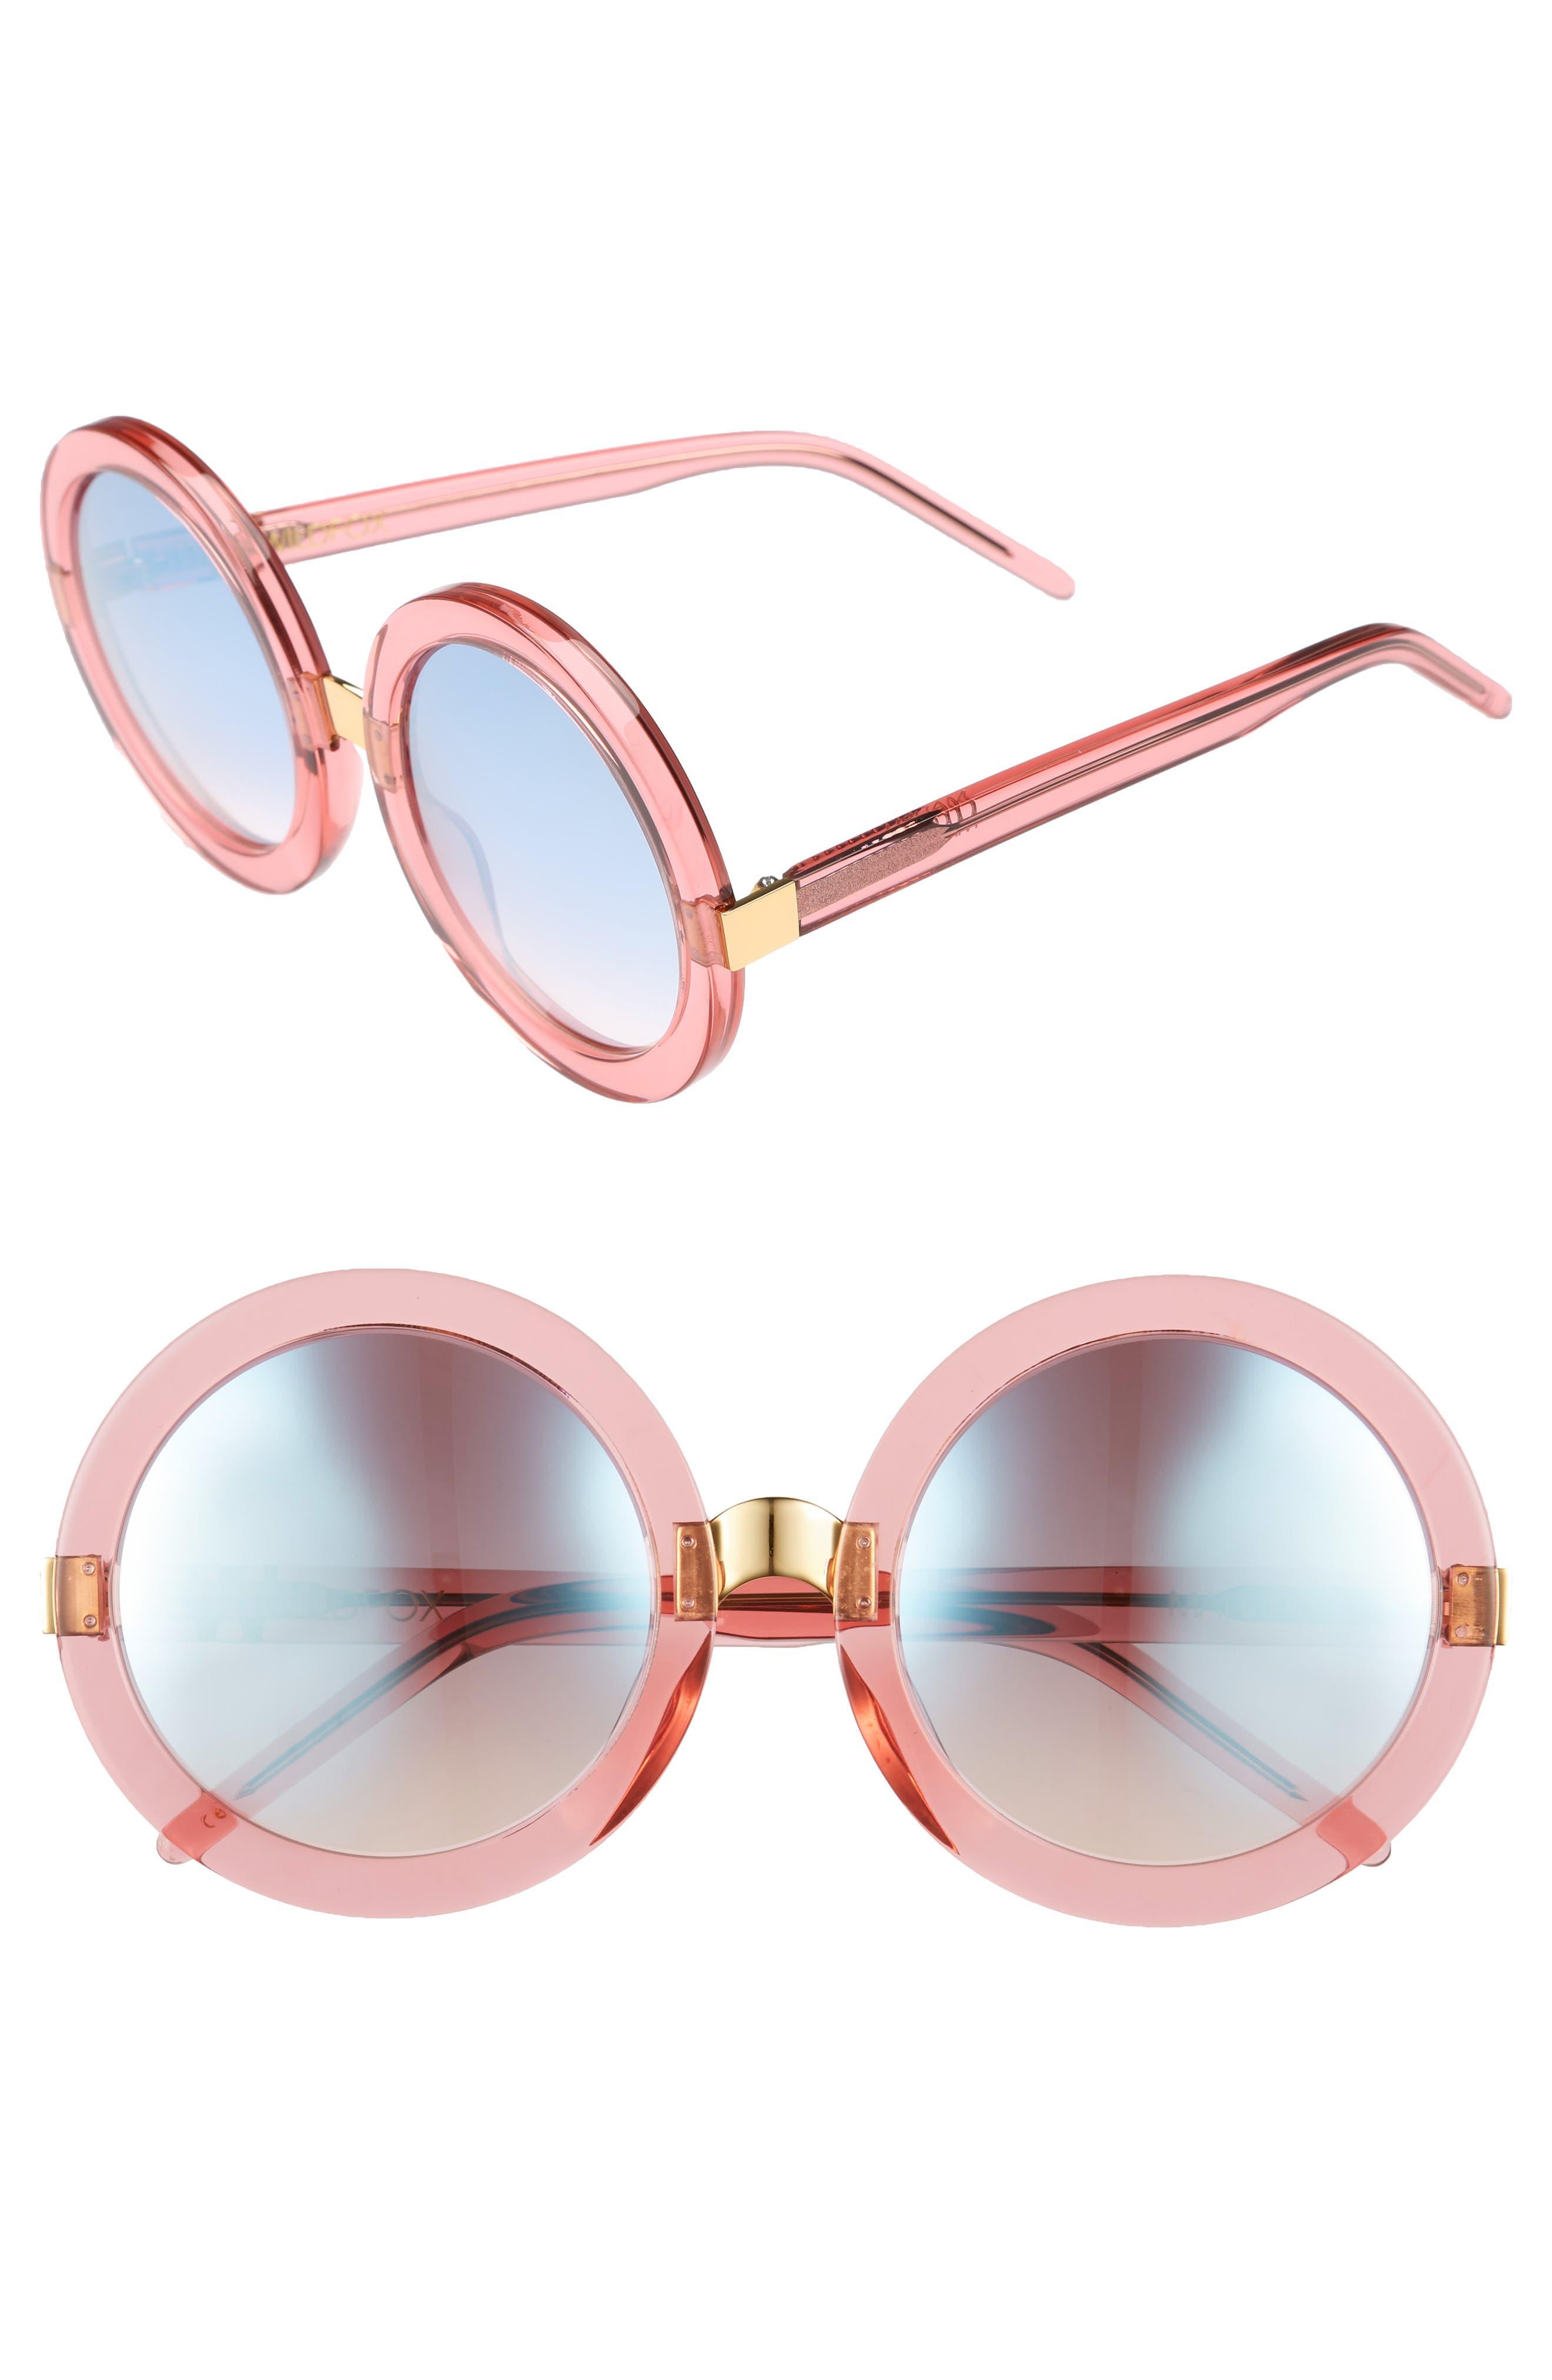 WILDFOX, 'Malibu Deluxe' 55mm Retro Sunglasses, Main thumbnail 1, color, 690